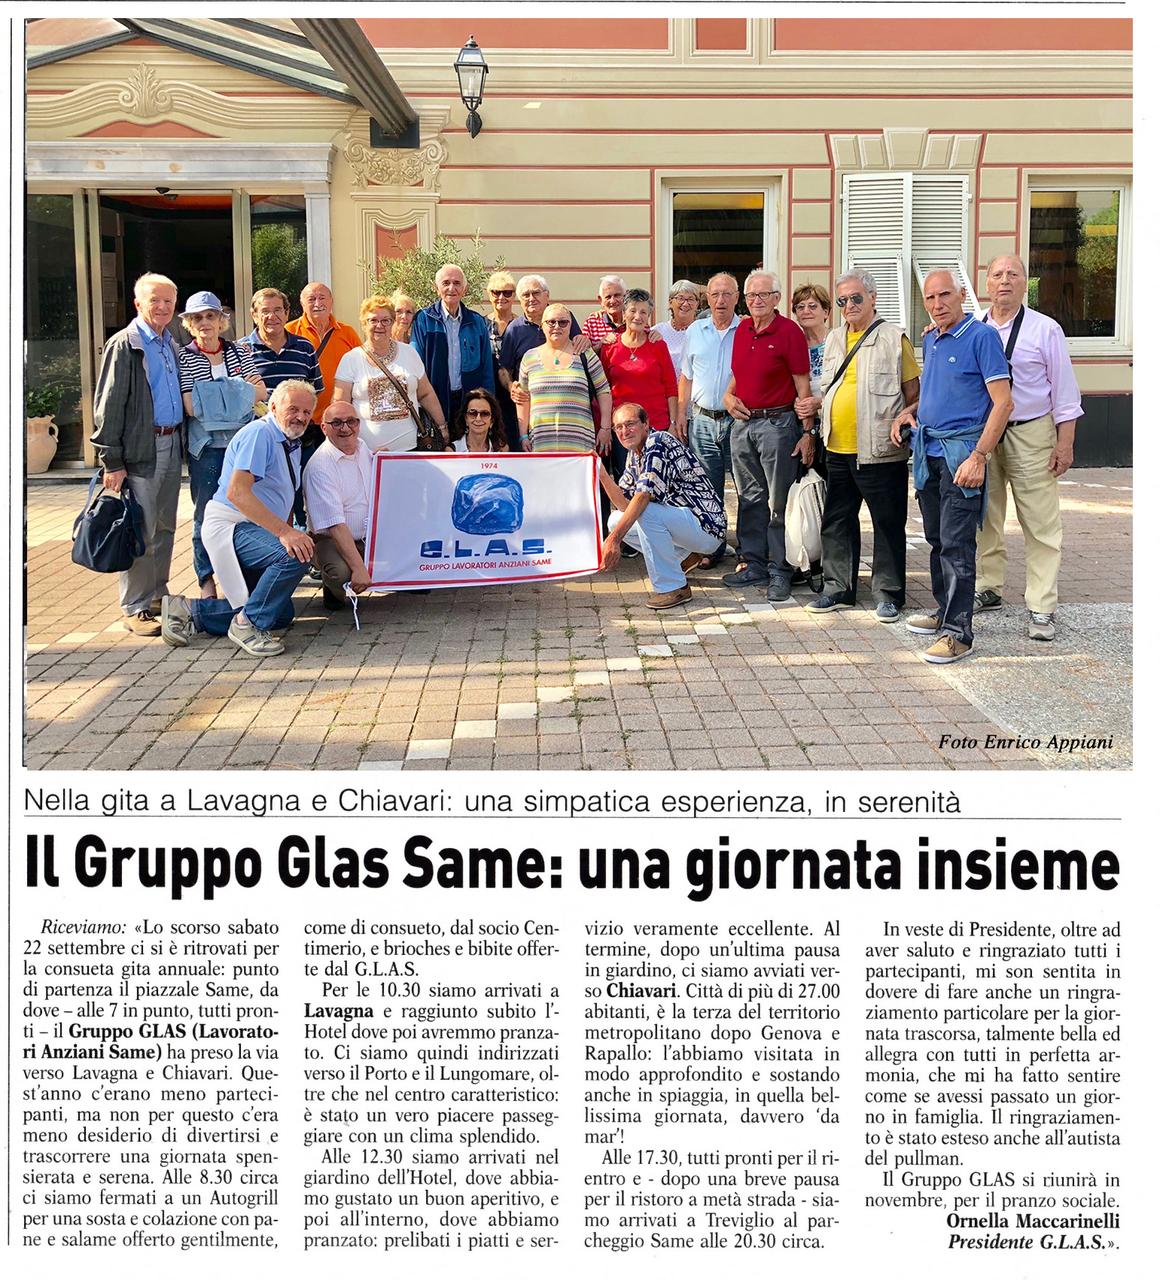 Il Gruppo Glas Same: una giornata insieme